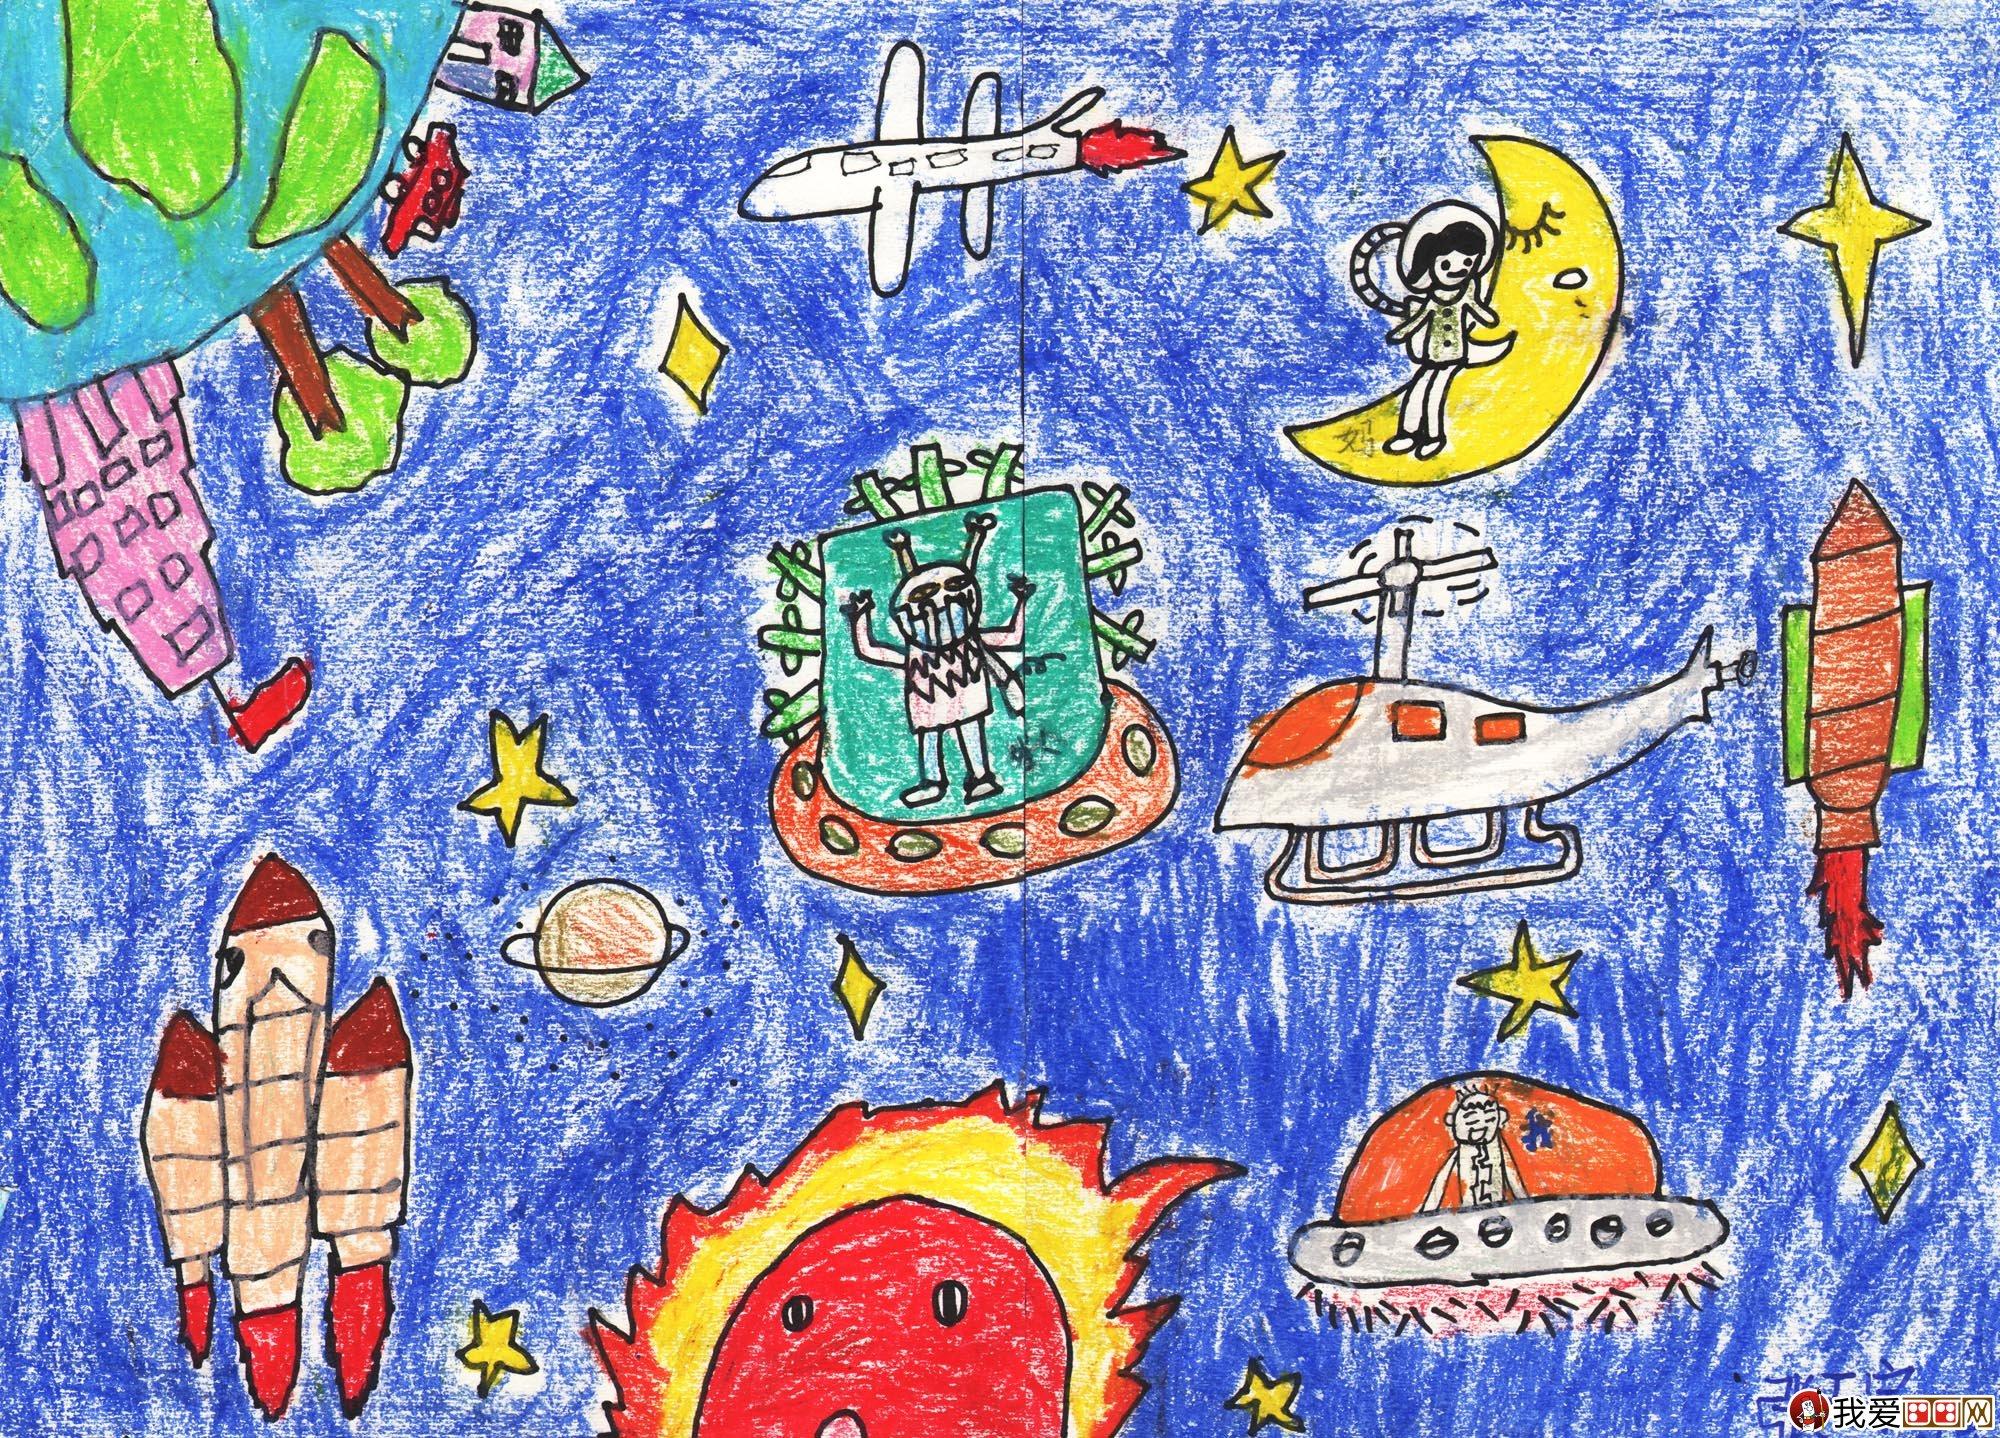 油画棒科幻画 太空遨游 金鹰杯儿童画大赛参赛作品